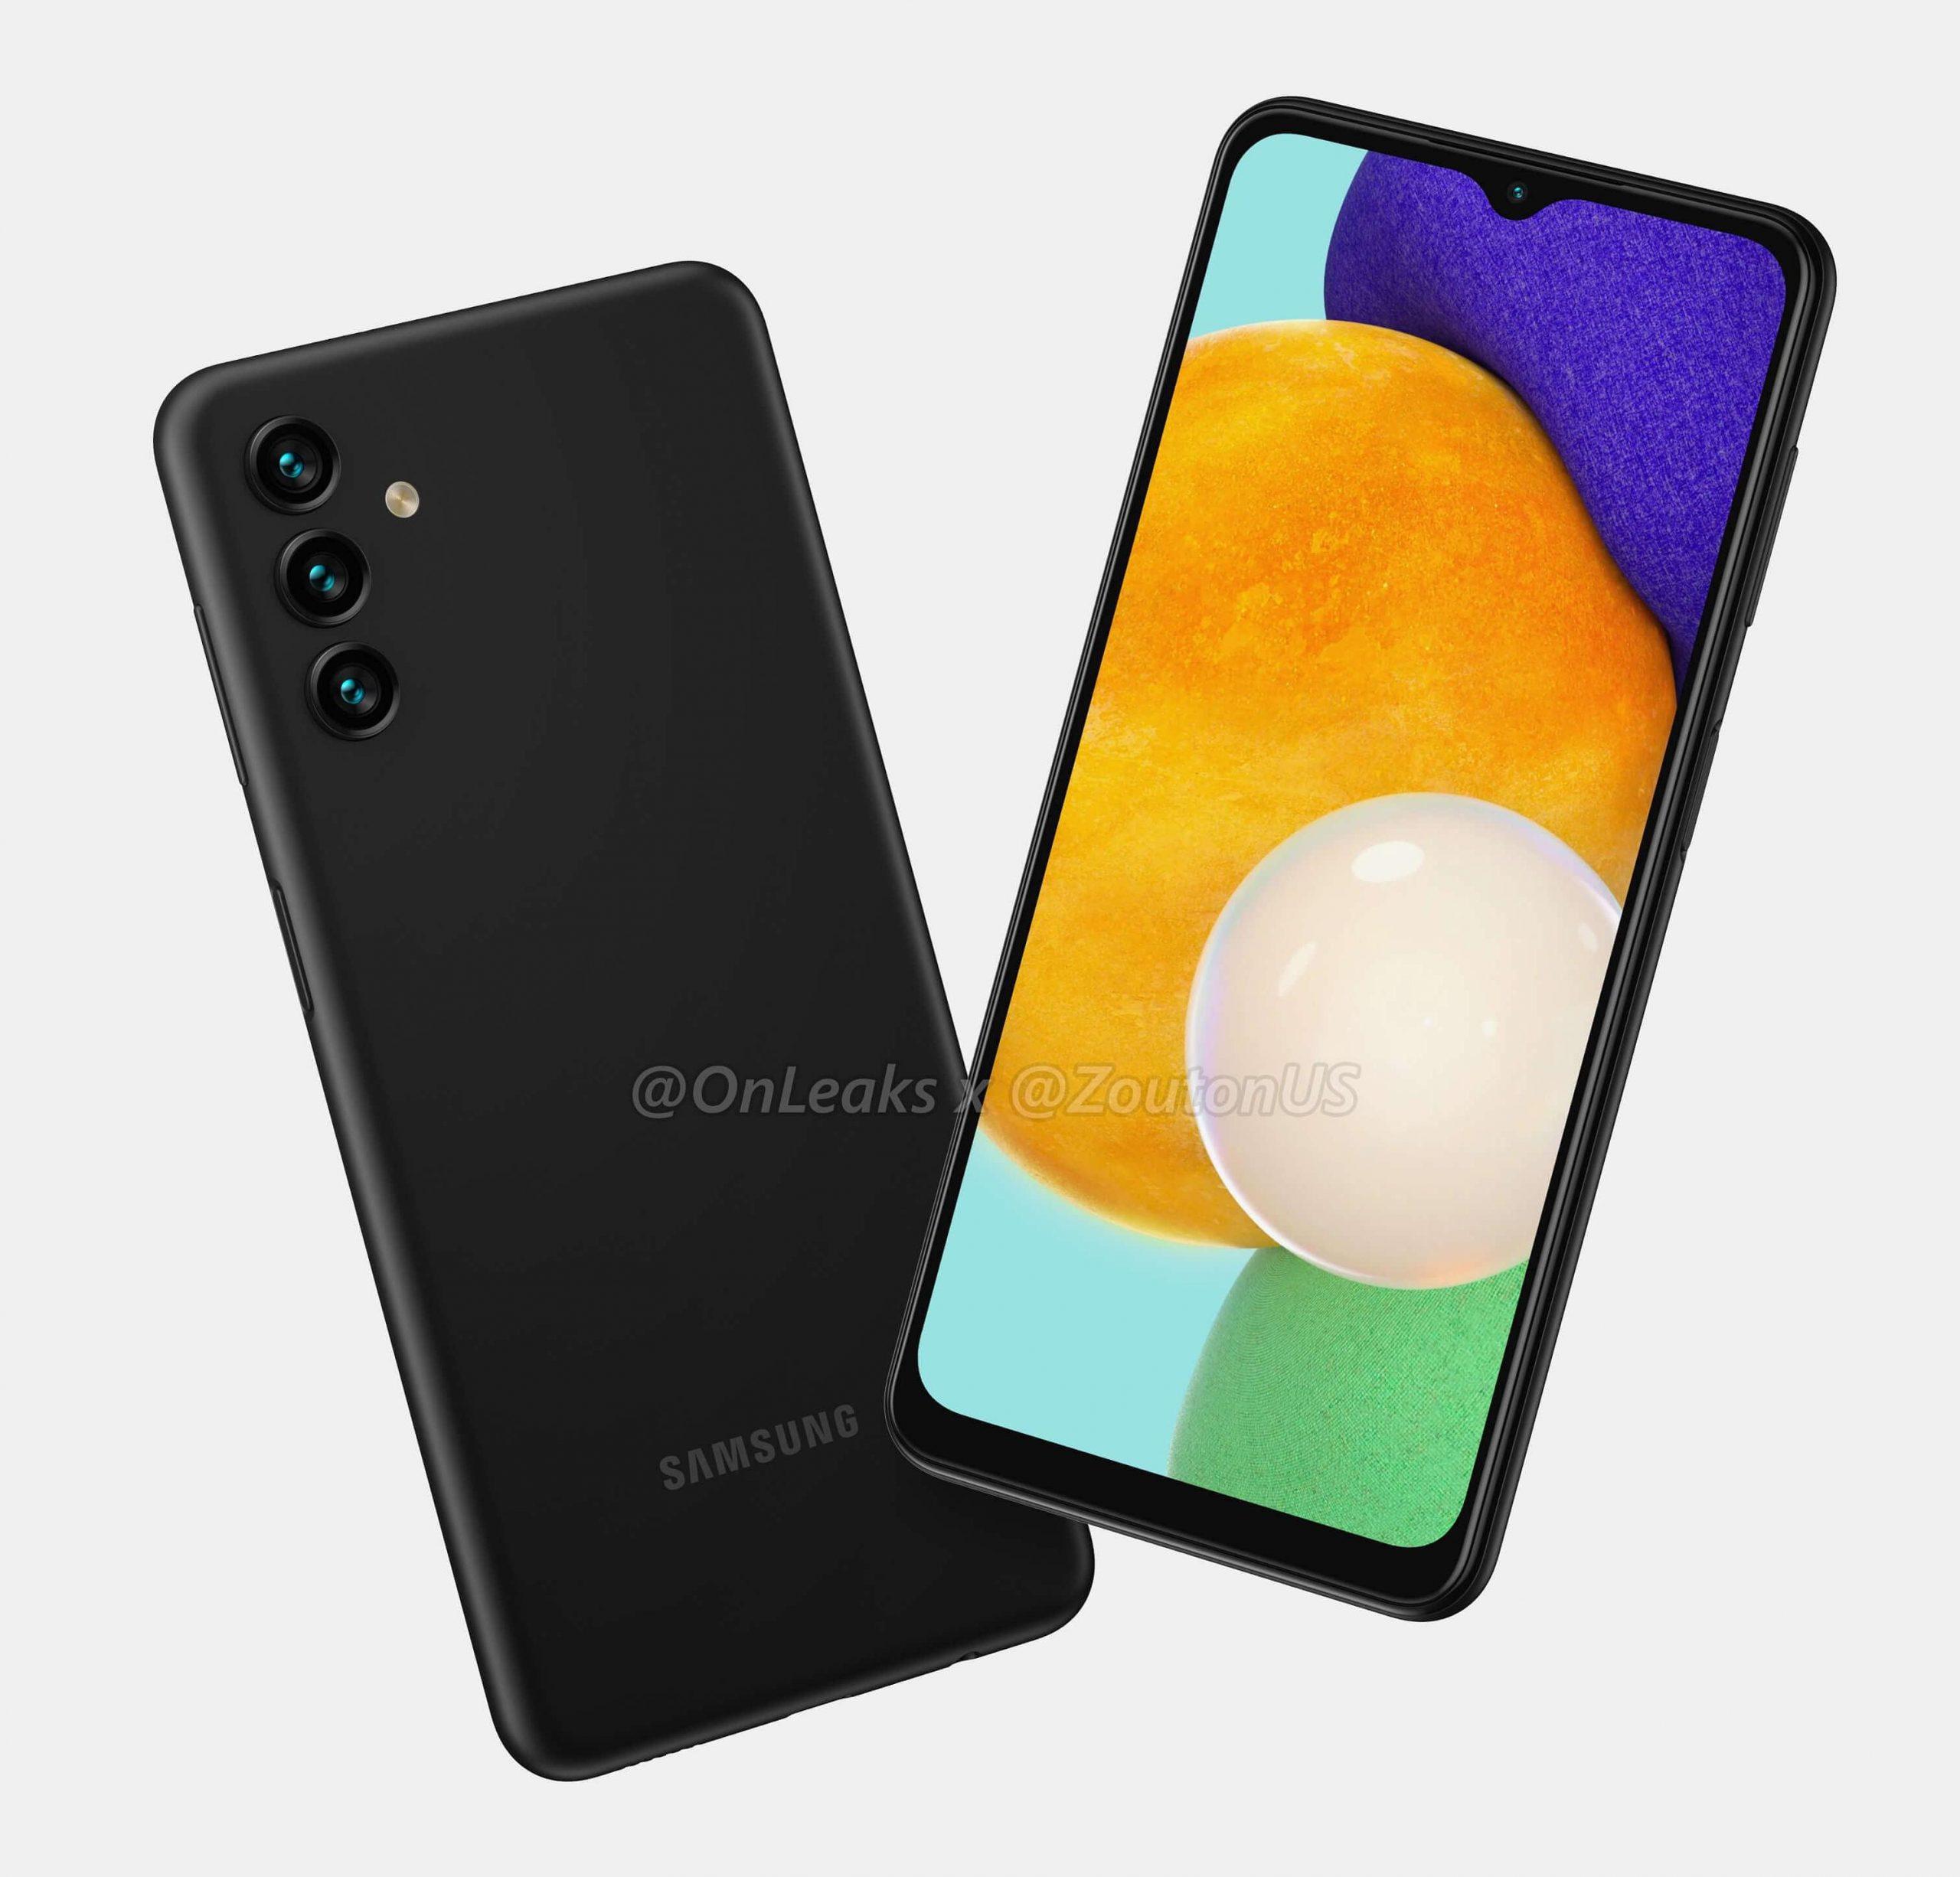 Samsung Galaxy A13 5G. Kuva: OnLeaks / Zouton.com.